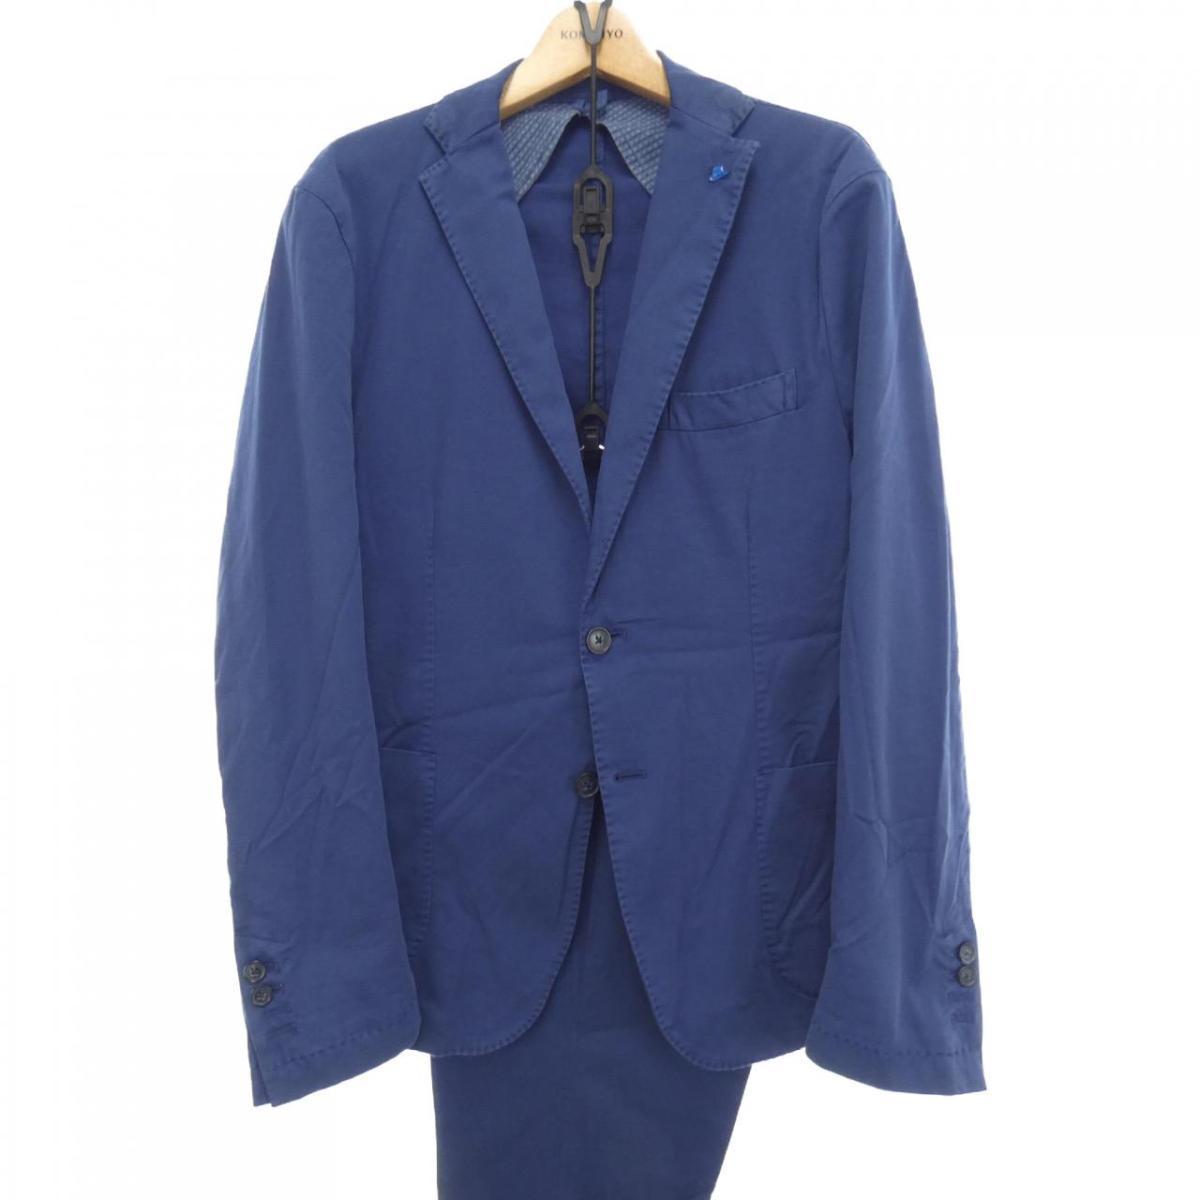 スーツ・セットアップ, スーツ  BEL AMI